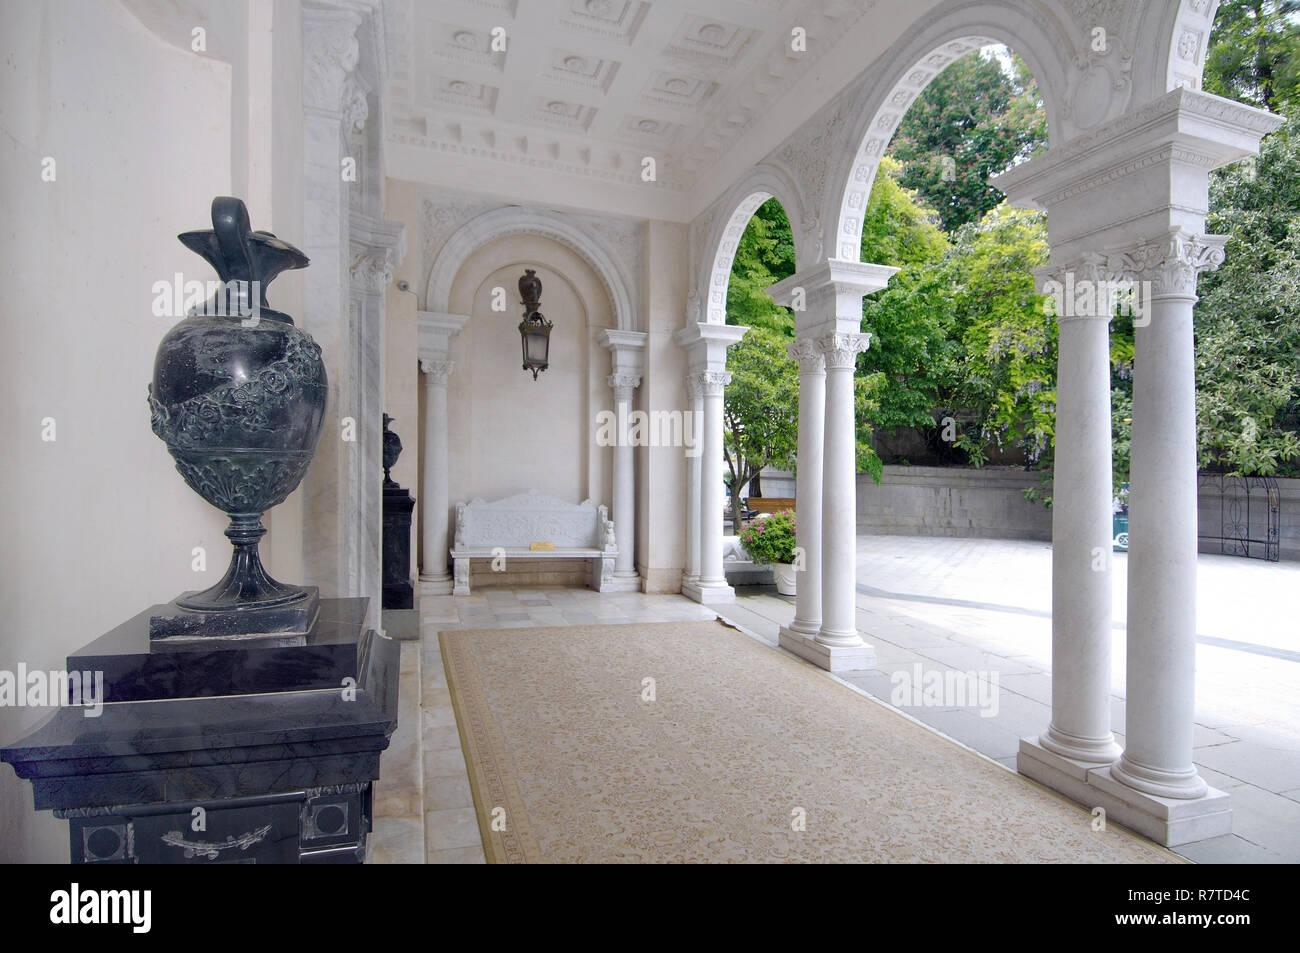 Entrance of Livadia Palace, Livadiya, Yalta, Crimea, Ukraine - Stock Image